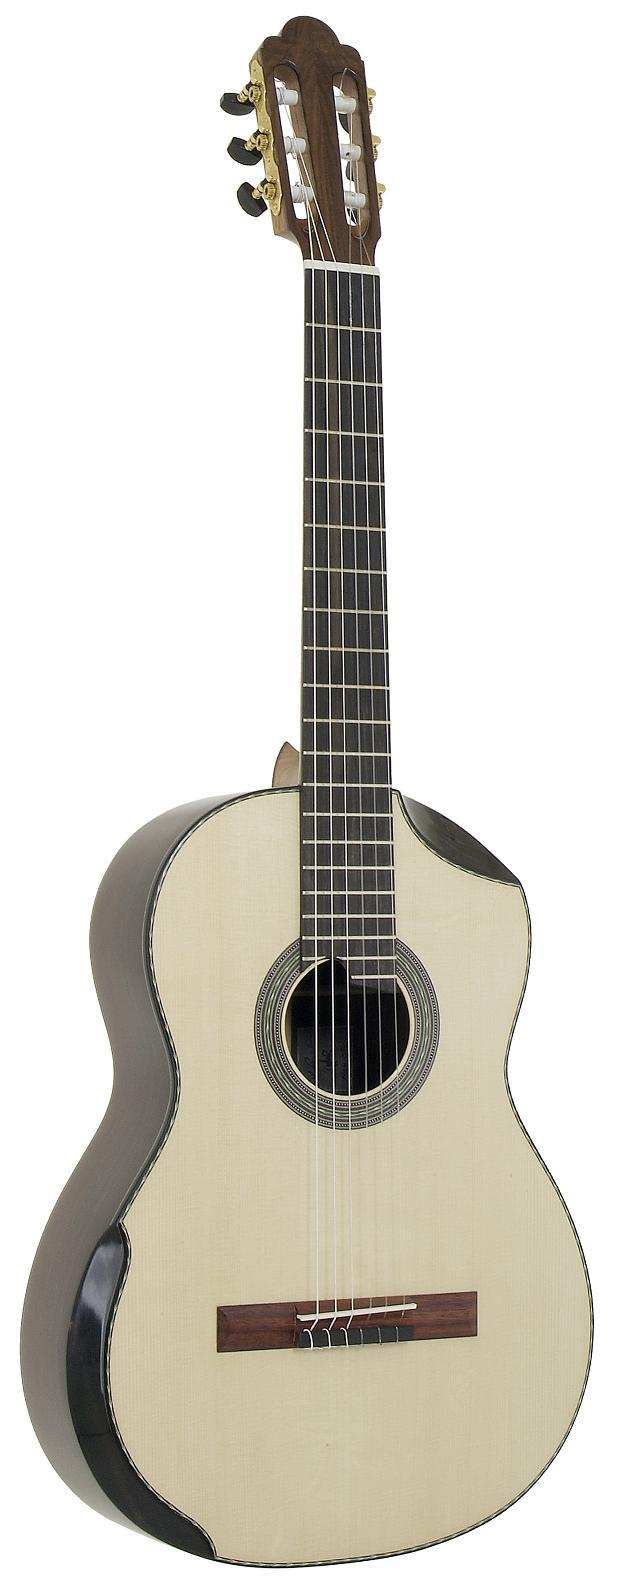 2005 ergonomic guitar florian vorreiter lutherie. Black Bedroom Furniture Sets. Home Design Ideas